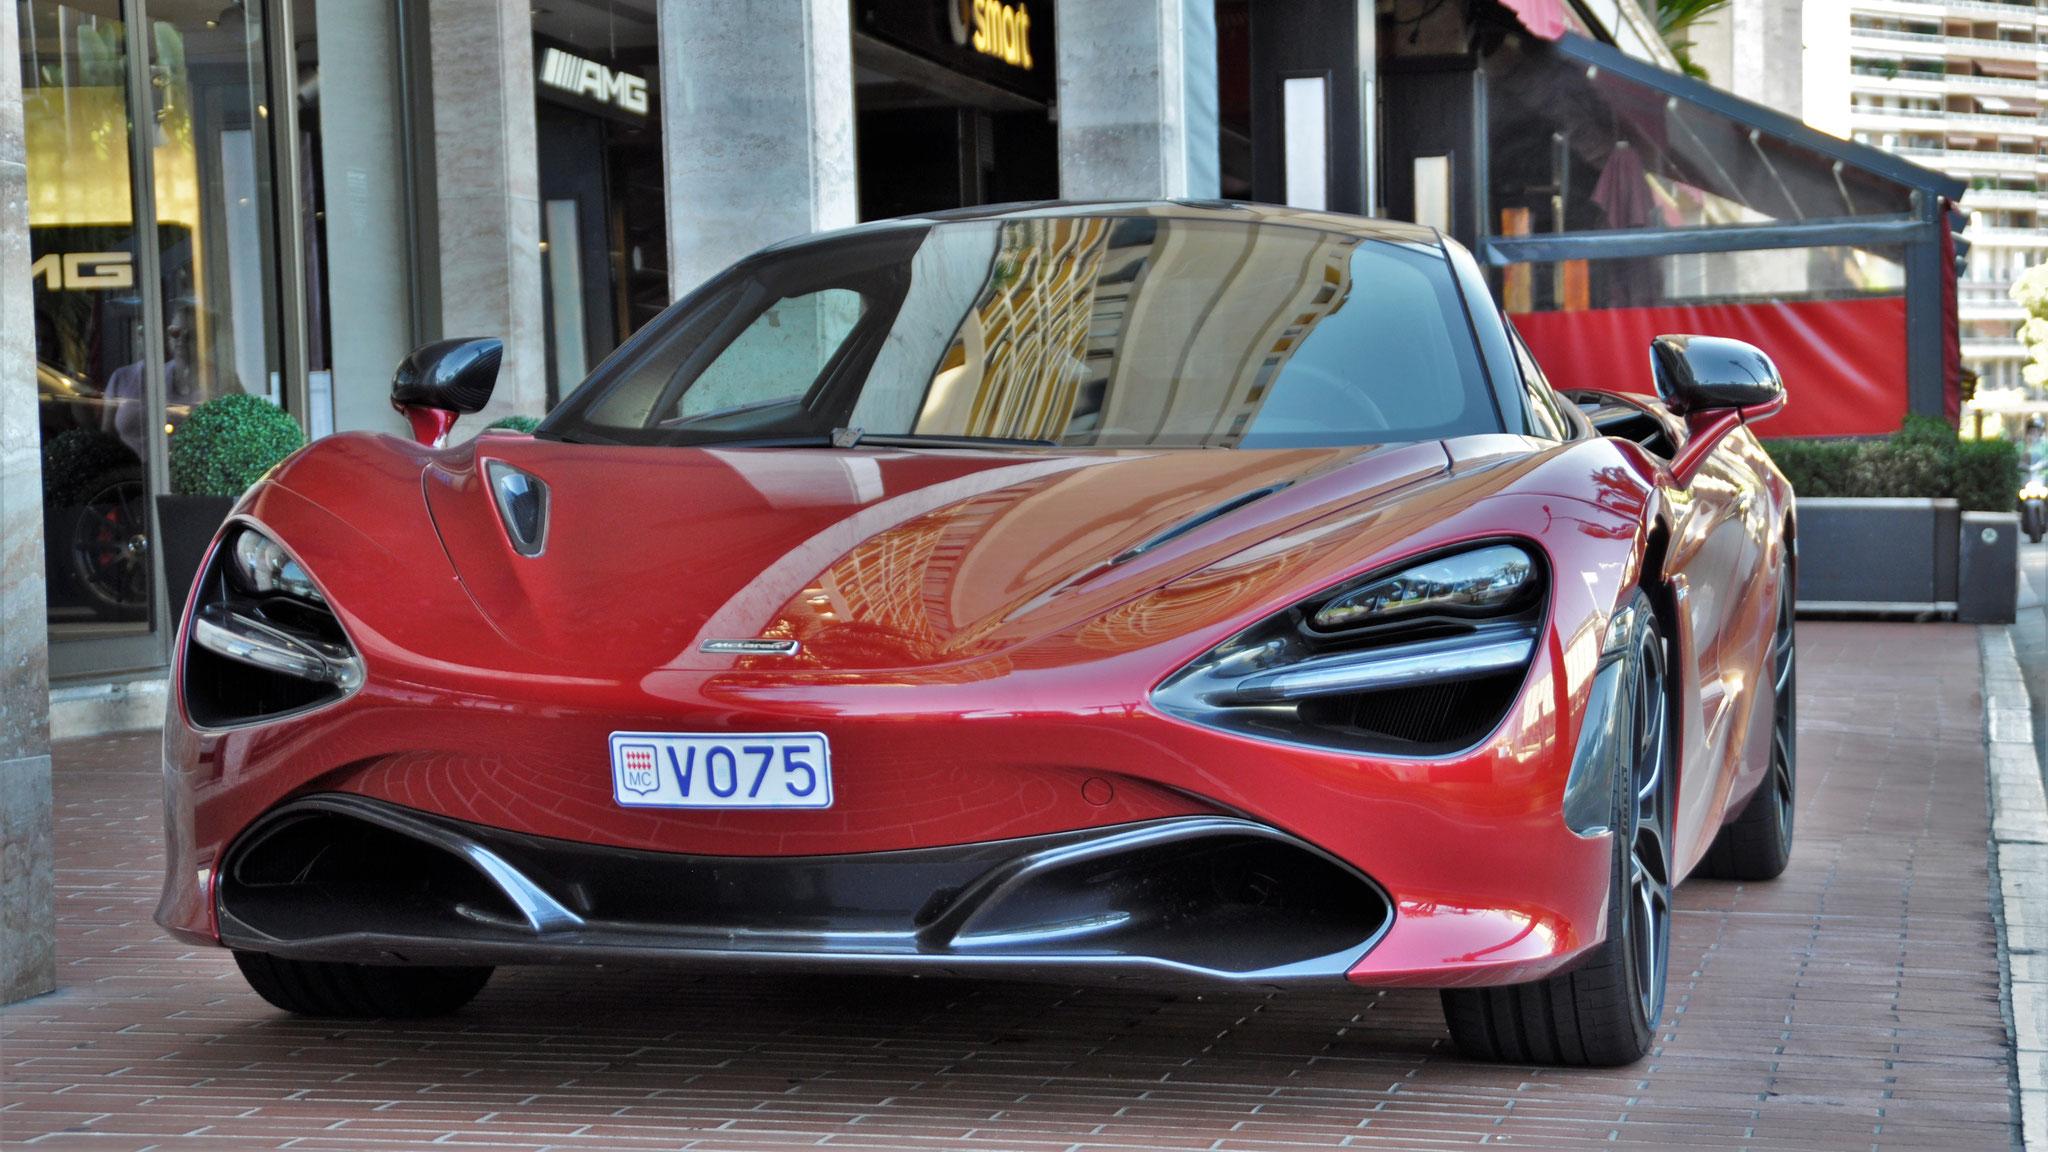 McLaren 720S - V075 (MC)